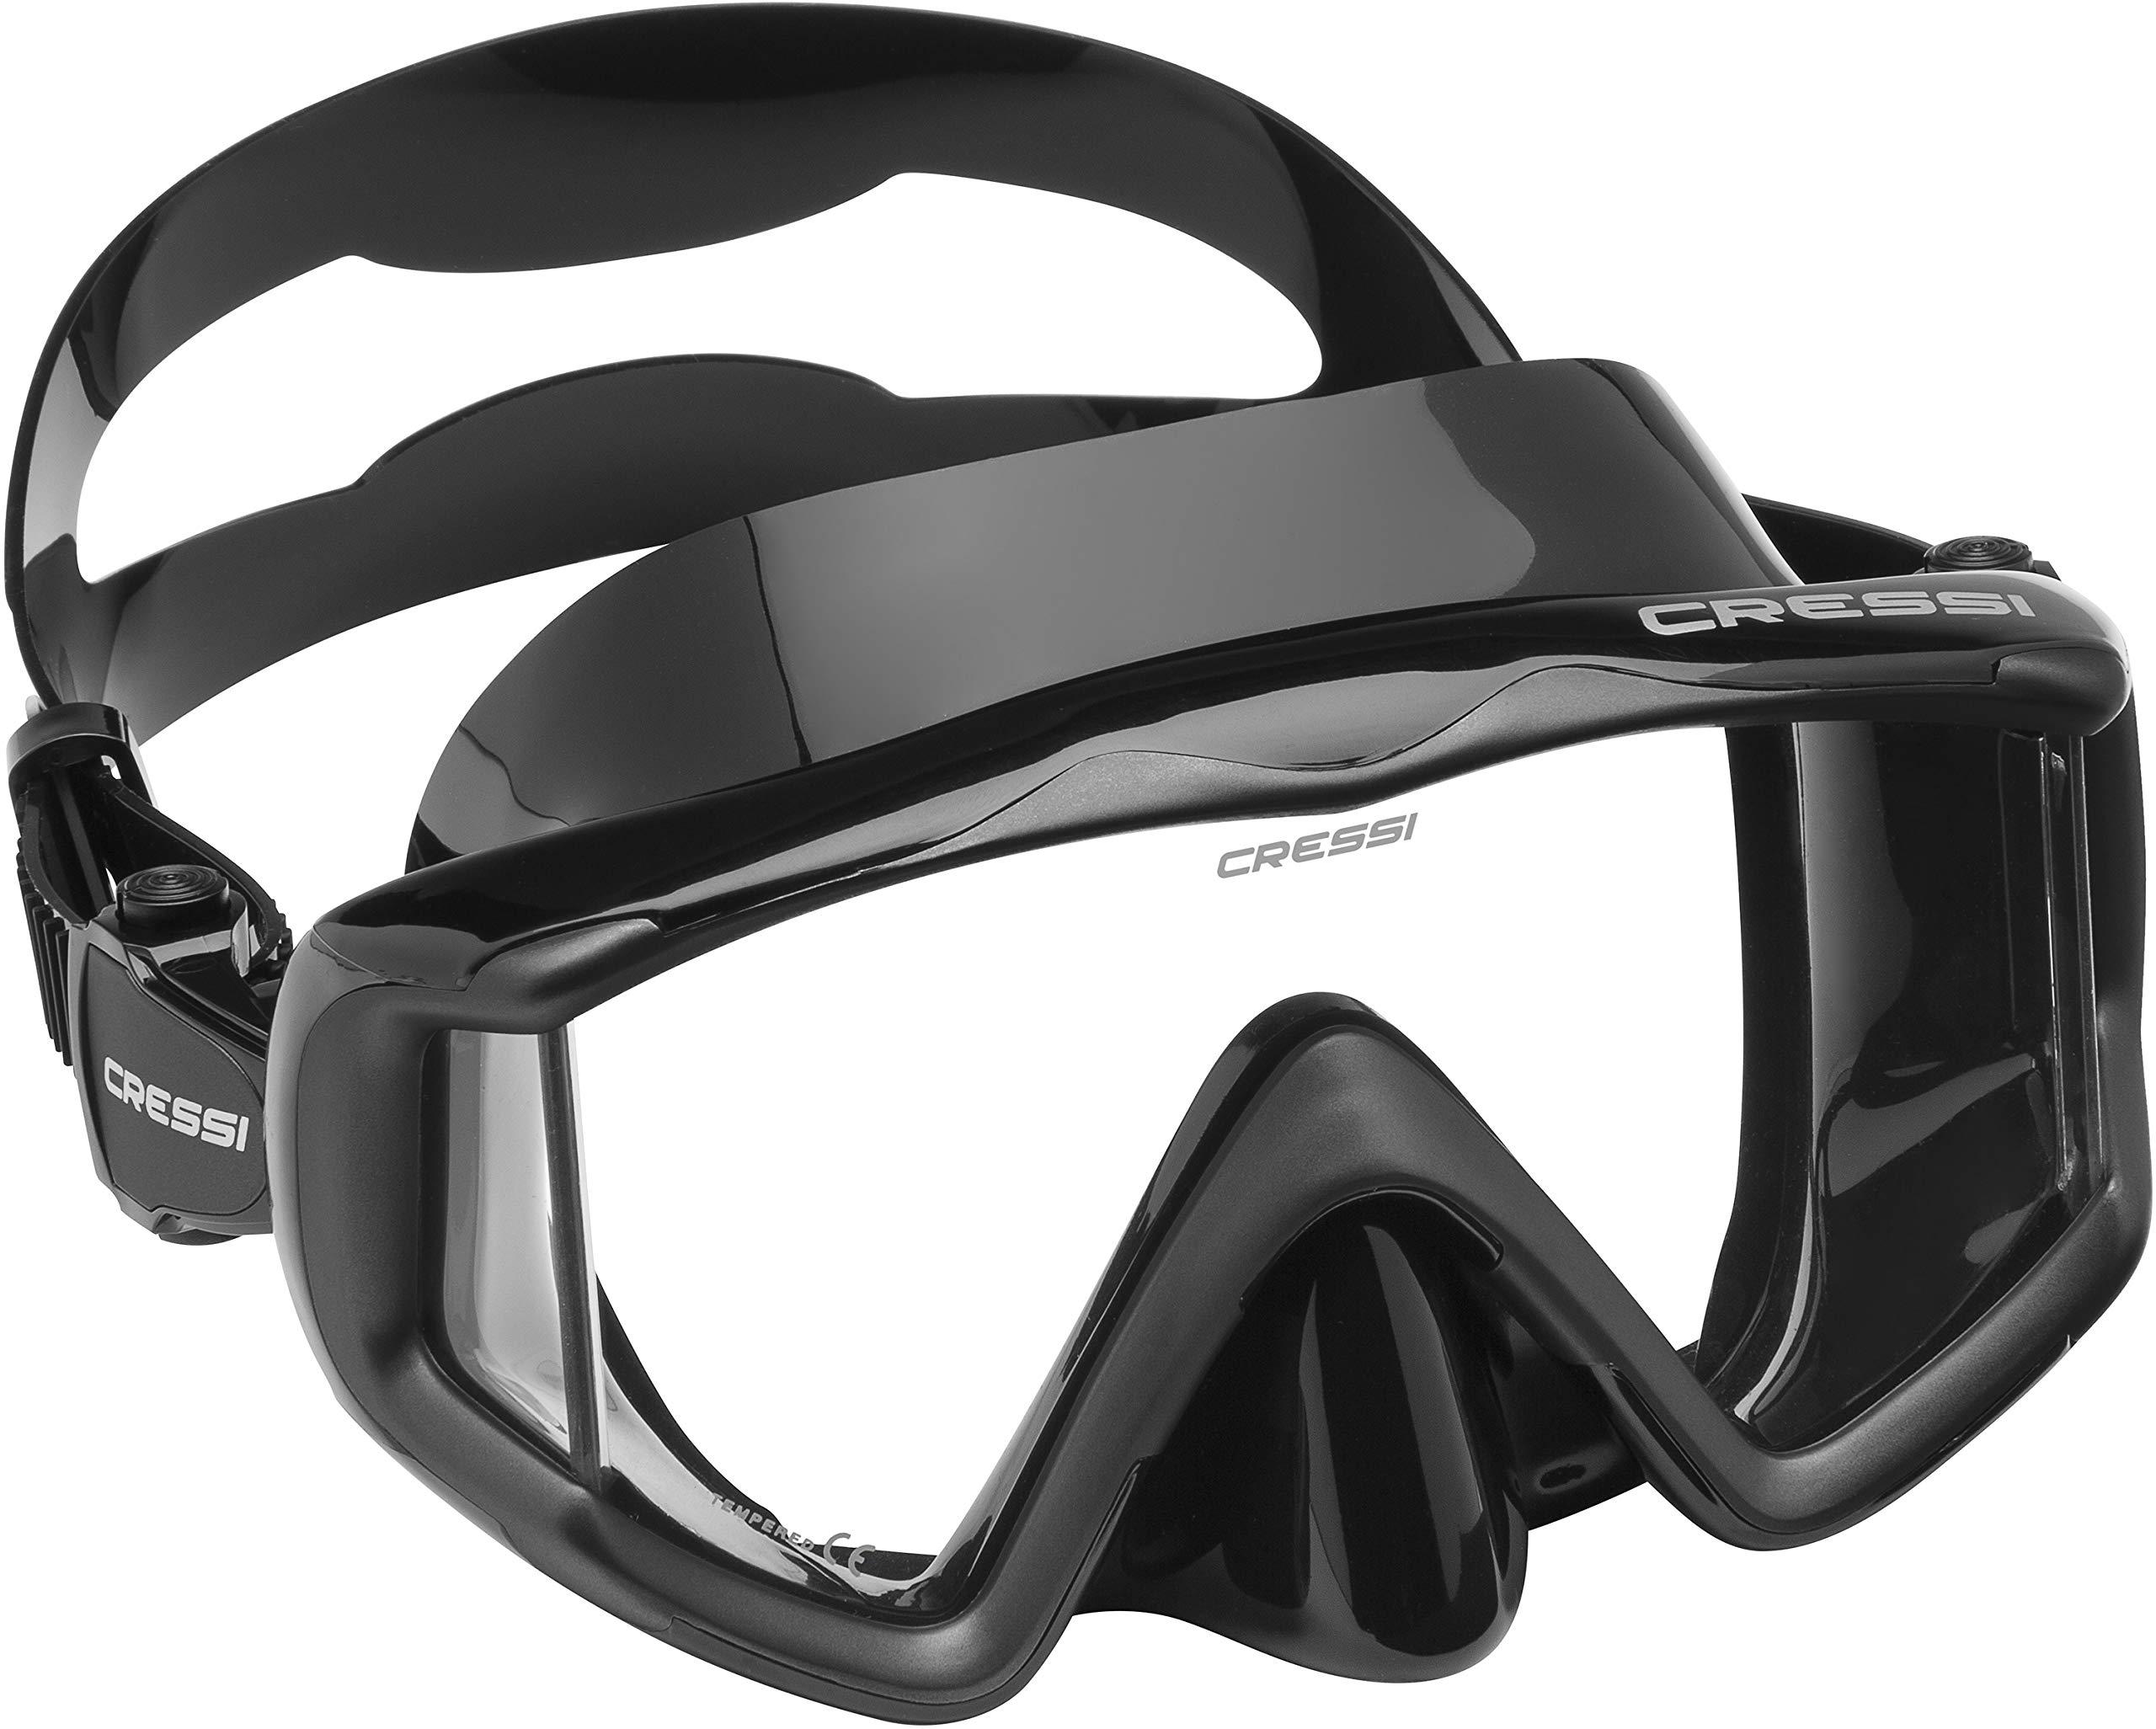 Cressi Liberty Triside Spe Diving Mask, Black/Black/Black